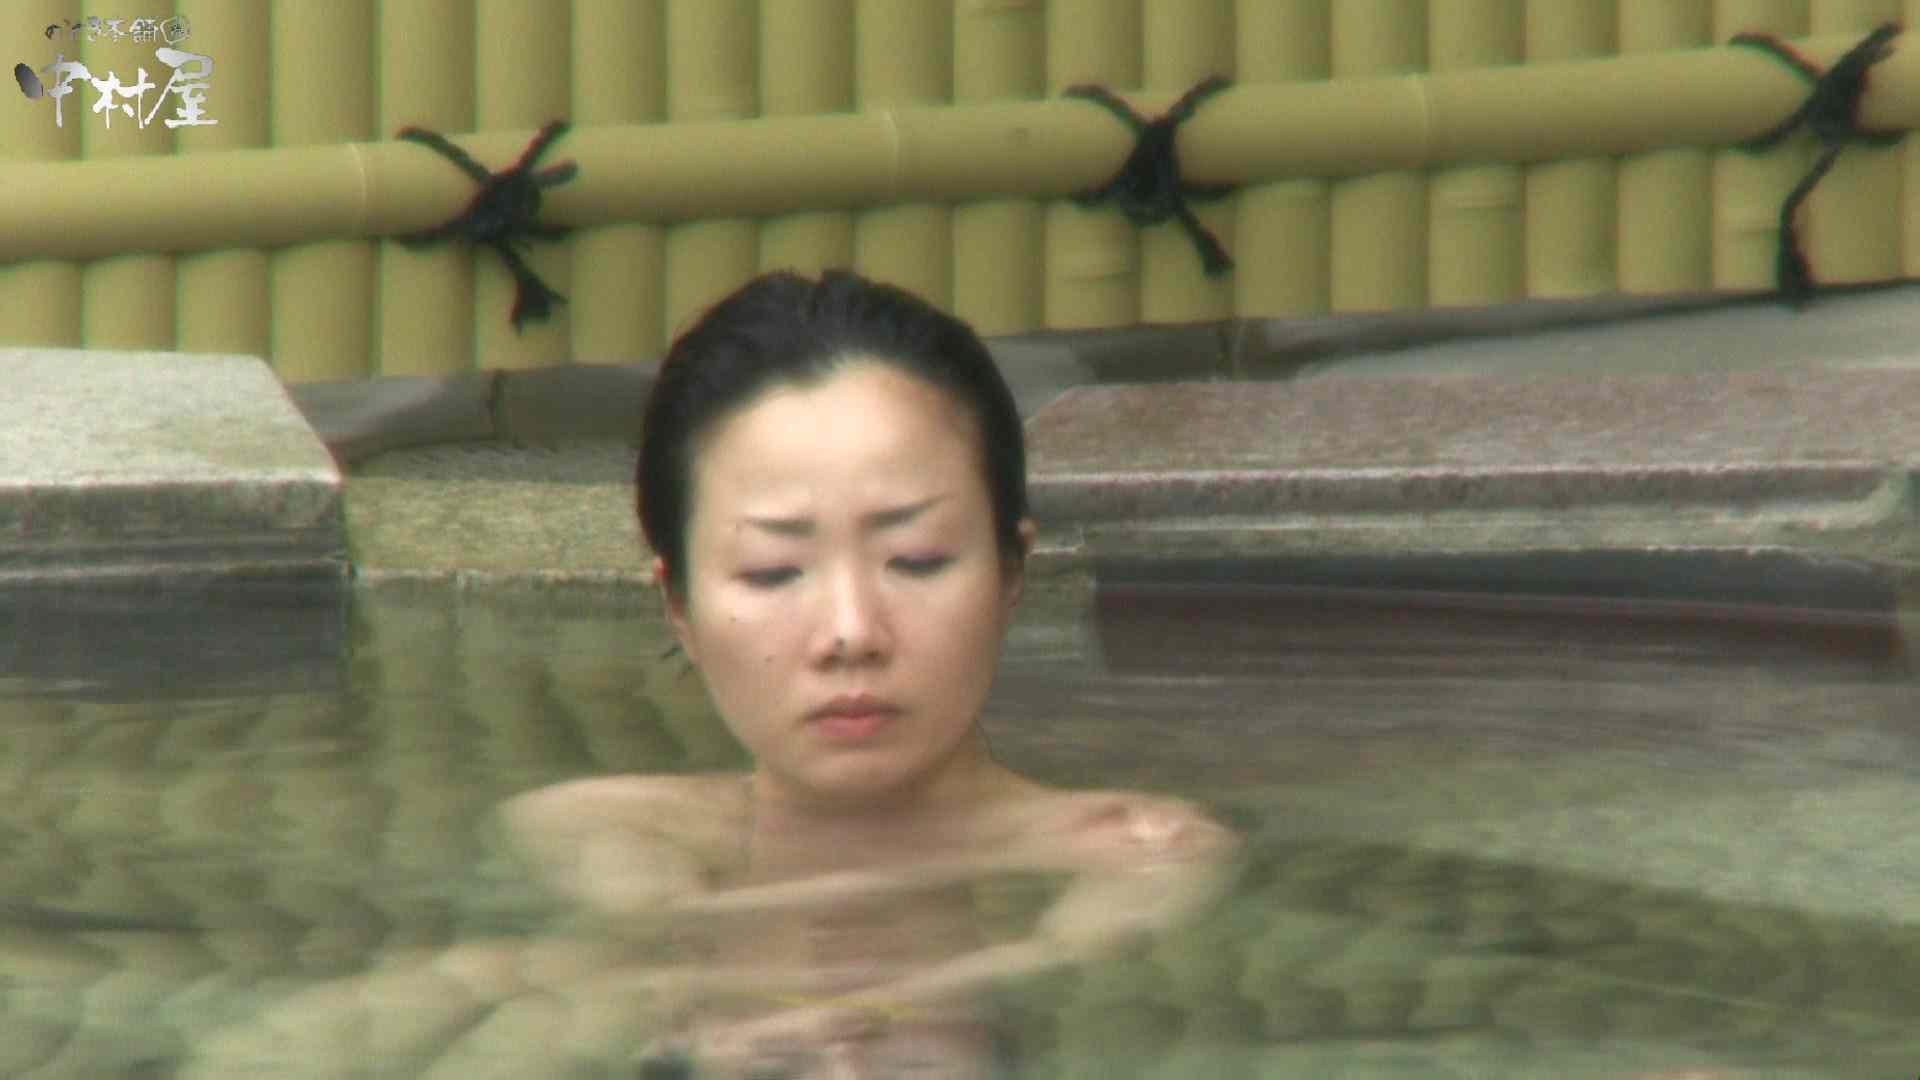 Aquaな露天風呂Vol.950 OLセックス 盗撮AV動画キャプチャ 61画像 17